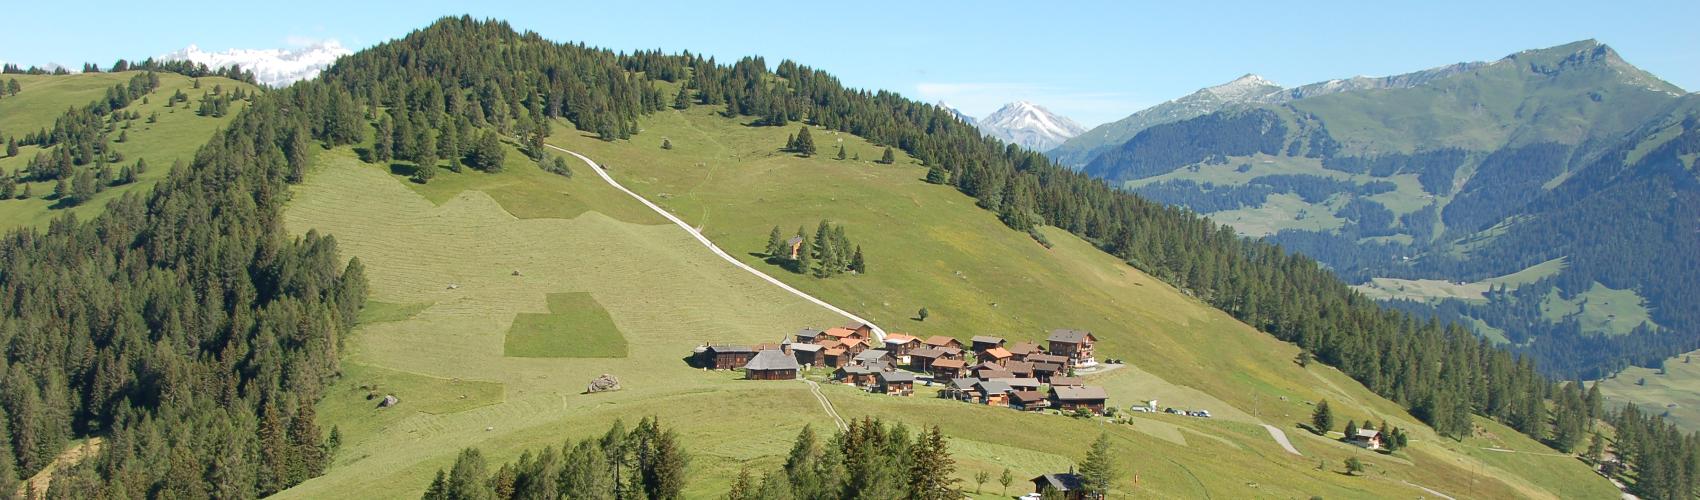 Dorfteil von Obermutten